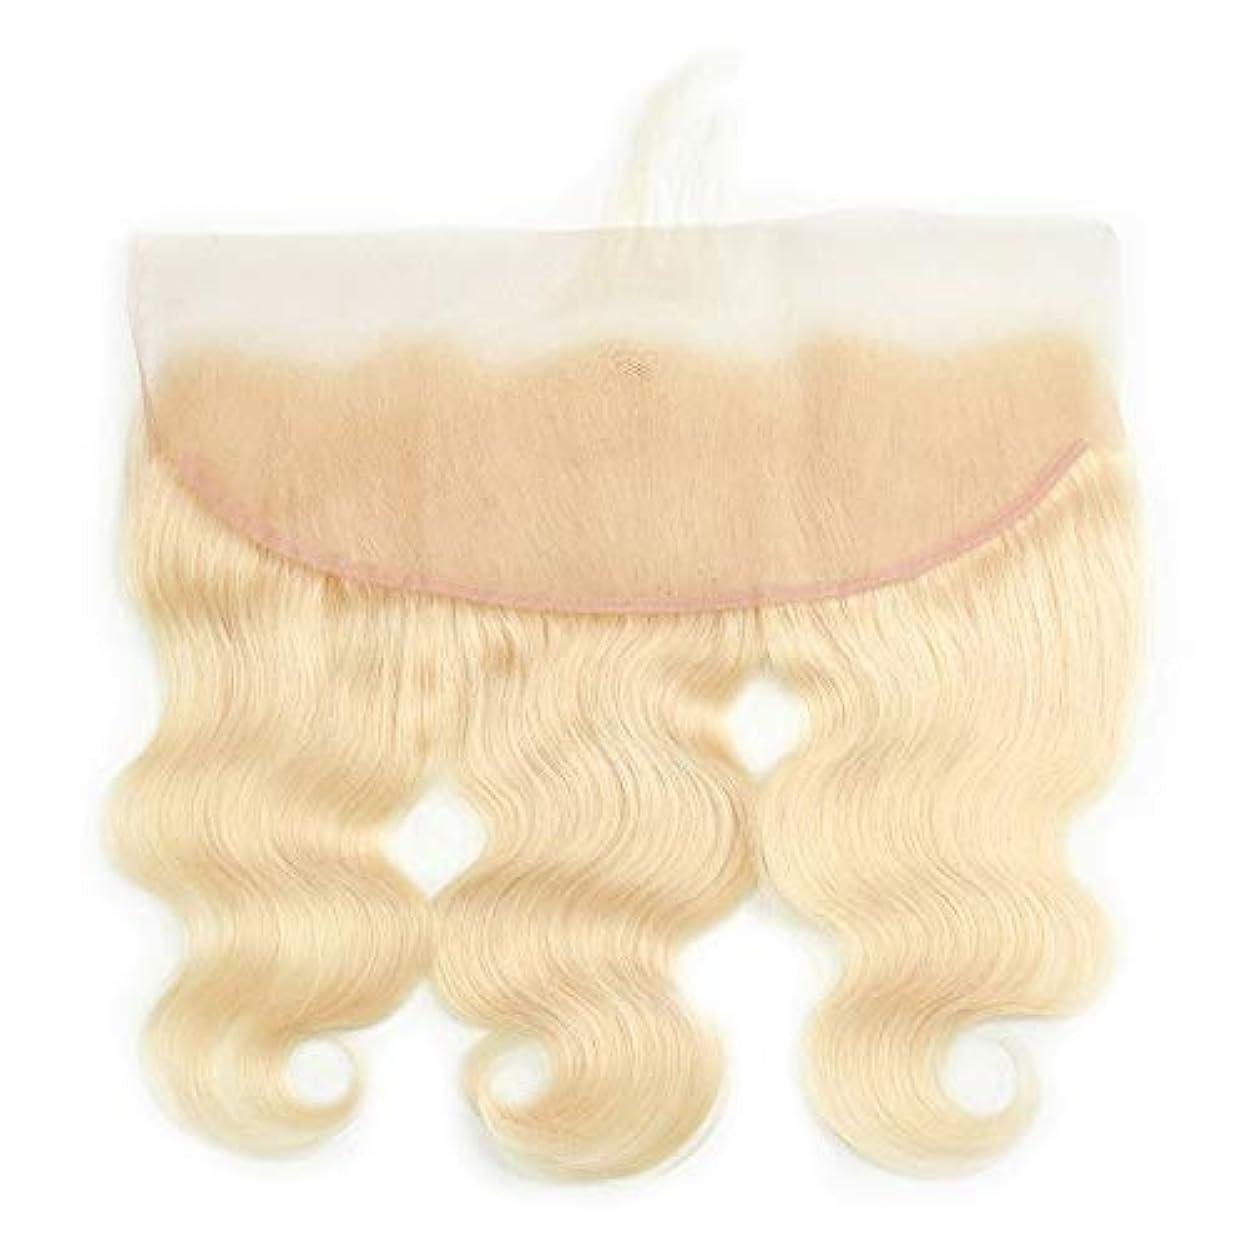 ウォーターフロント卵懐疑論WASAIO クロージャー13 X 4 Unlooseパート人間の髪でヘアエクステンションクリップのシームレスな先見の明レースクロージャーボディウェーブ髪の16インチレースの正面ブラジルの髪 (色 : Blonde, サイズ : 12 inch)